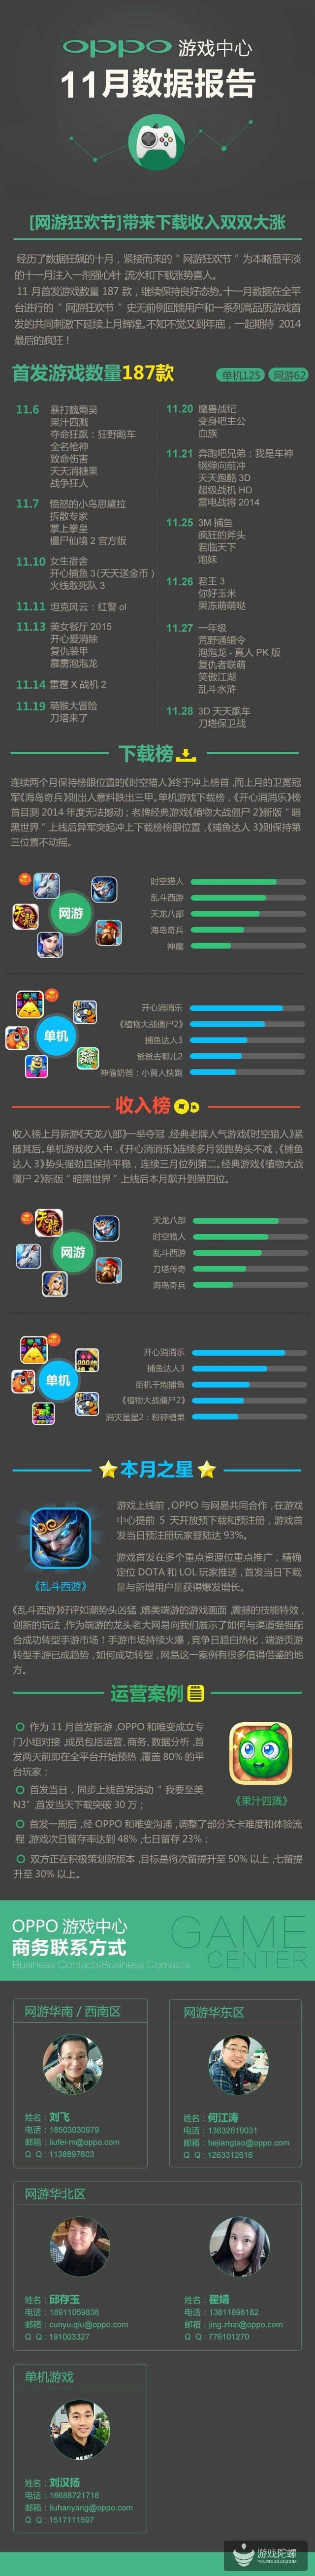 """OPPO游戏中心11月数据:""""网游狂欢节""""下载收入齐涨!"""